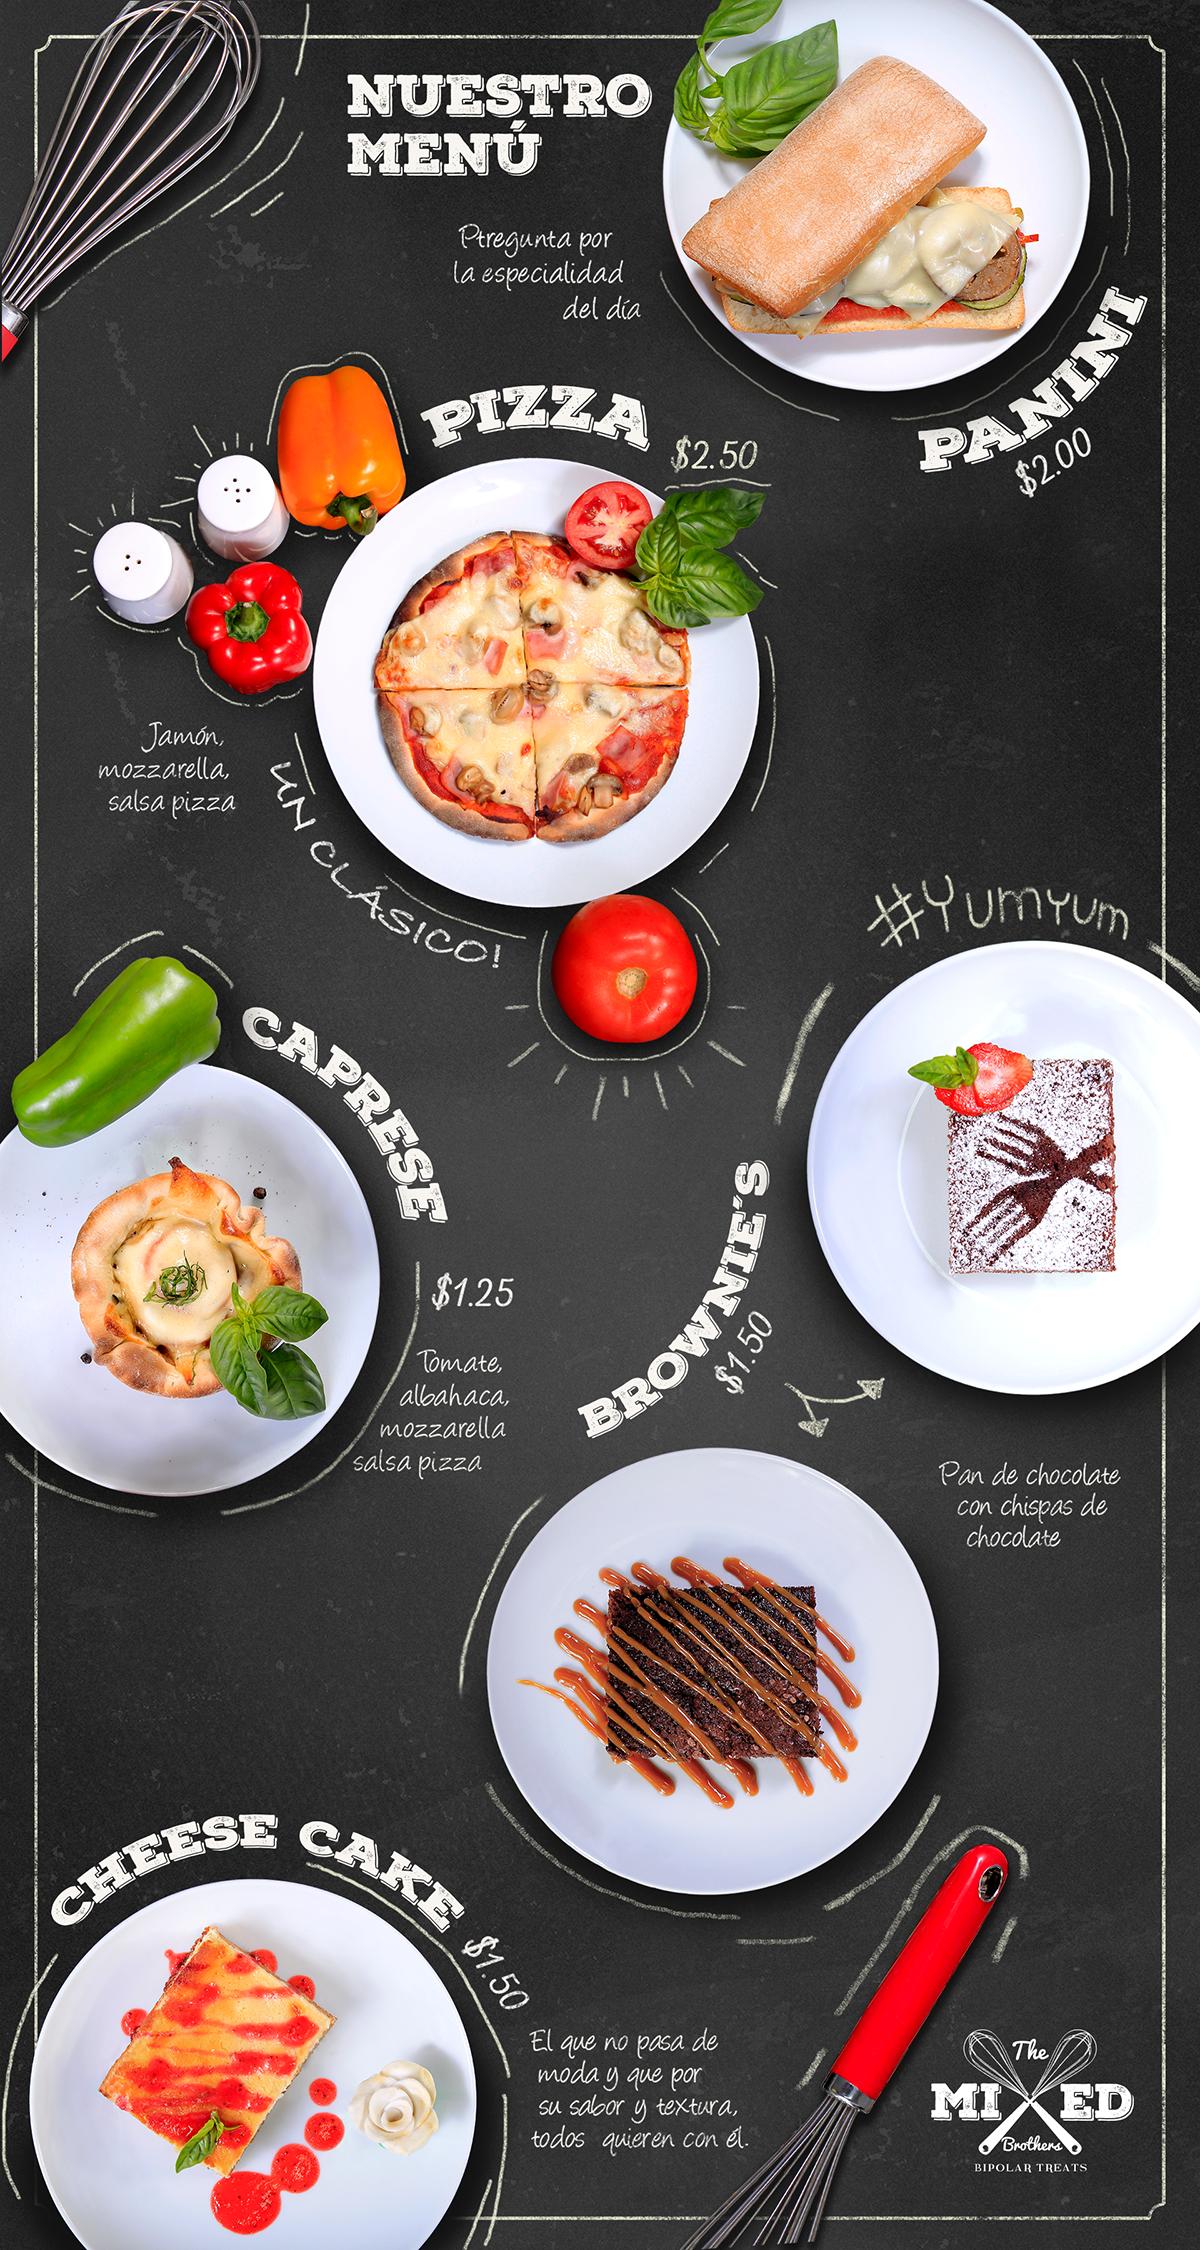 Food Stylish 6 platos Fotografías de 6 productos del